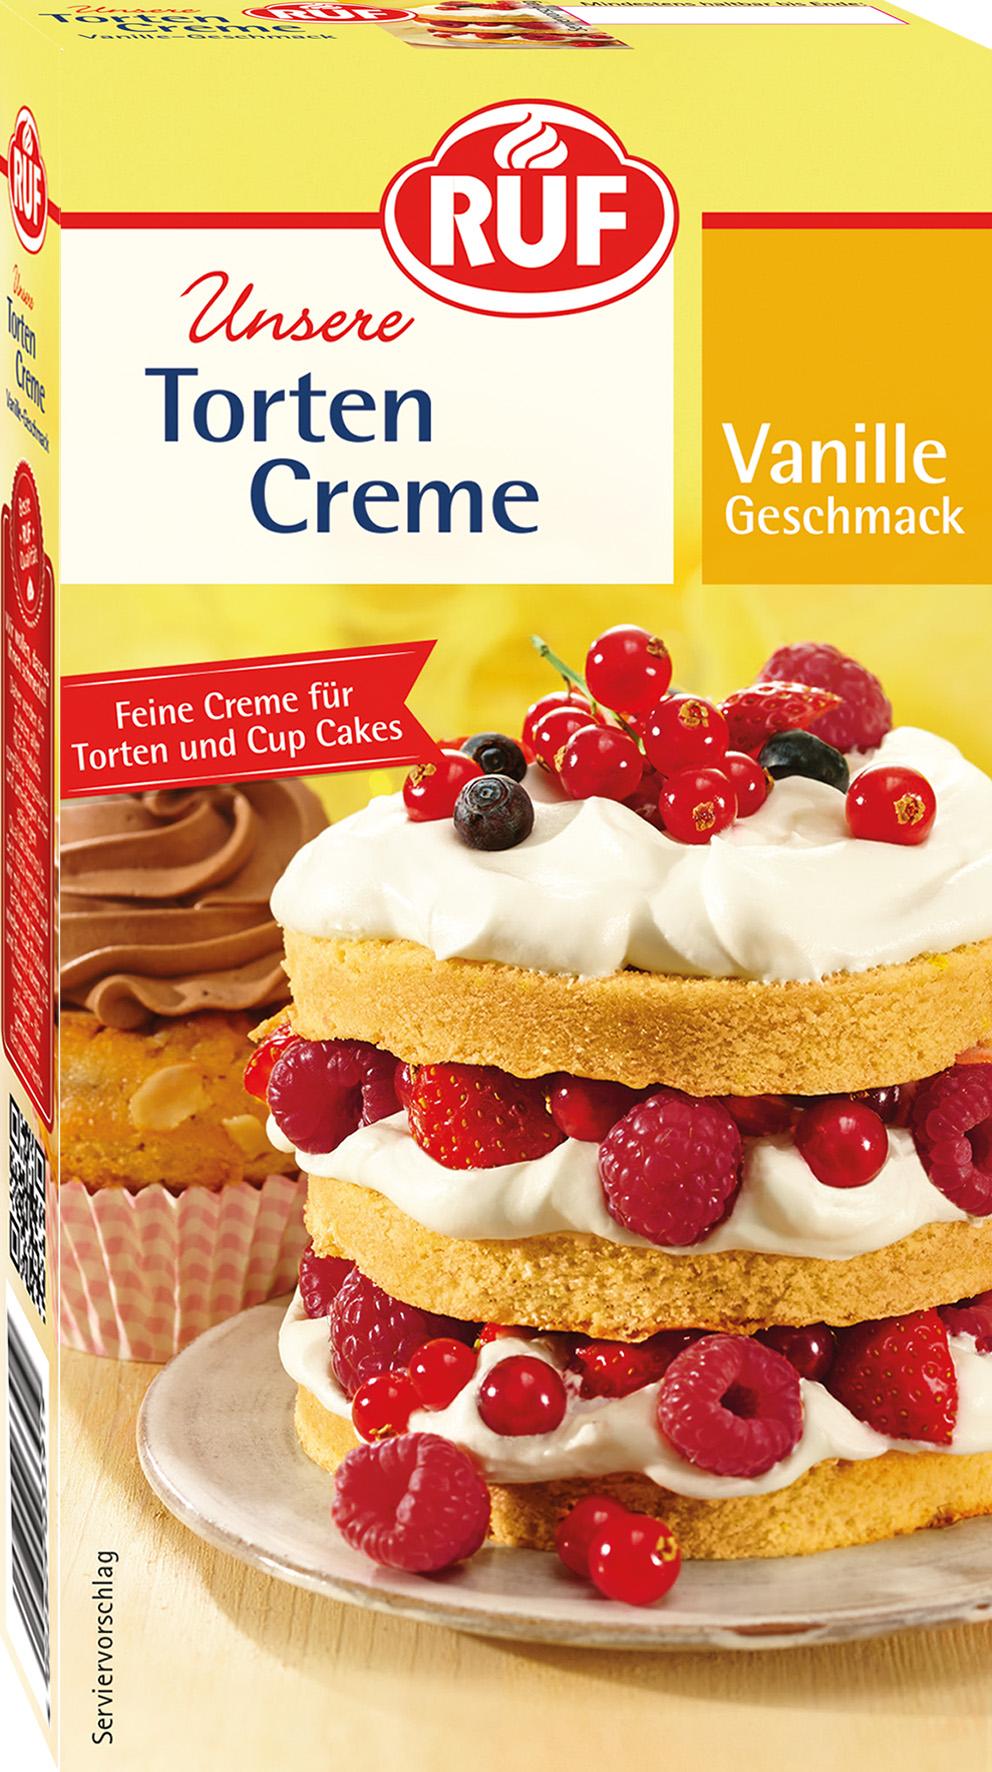 2238 Torten-Creme